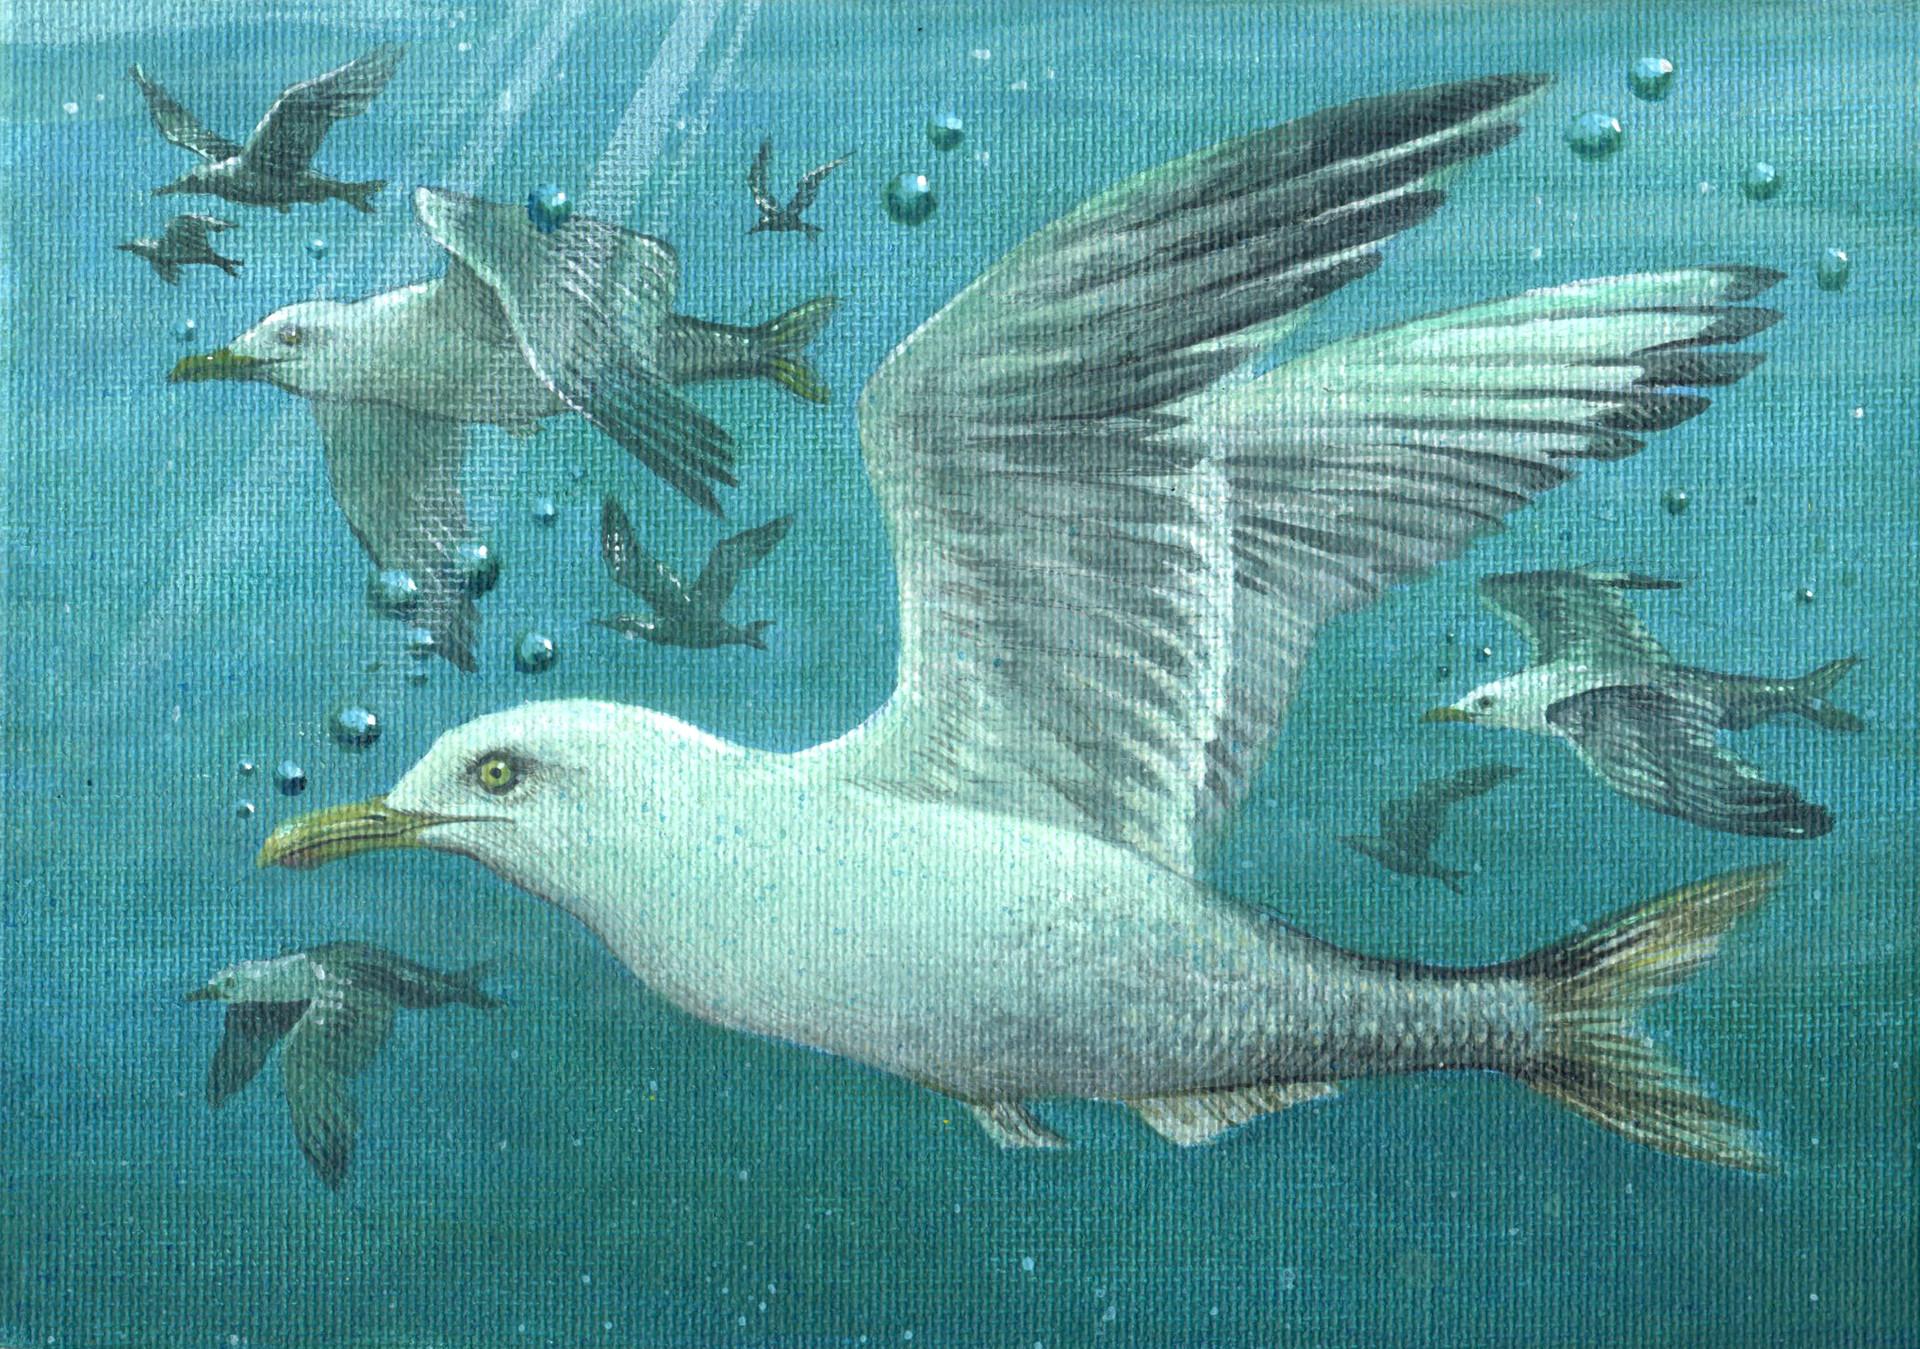 The Herring Gull